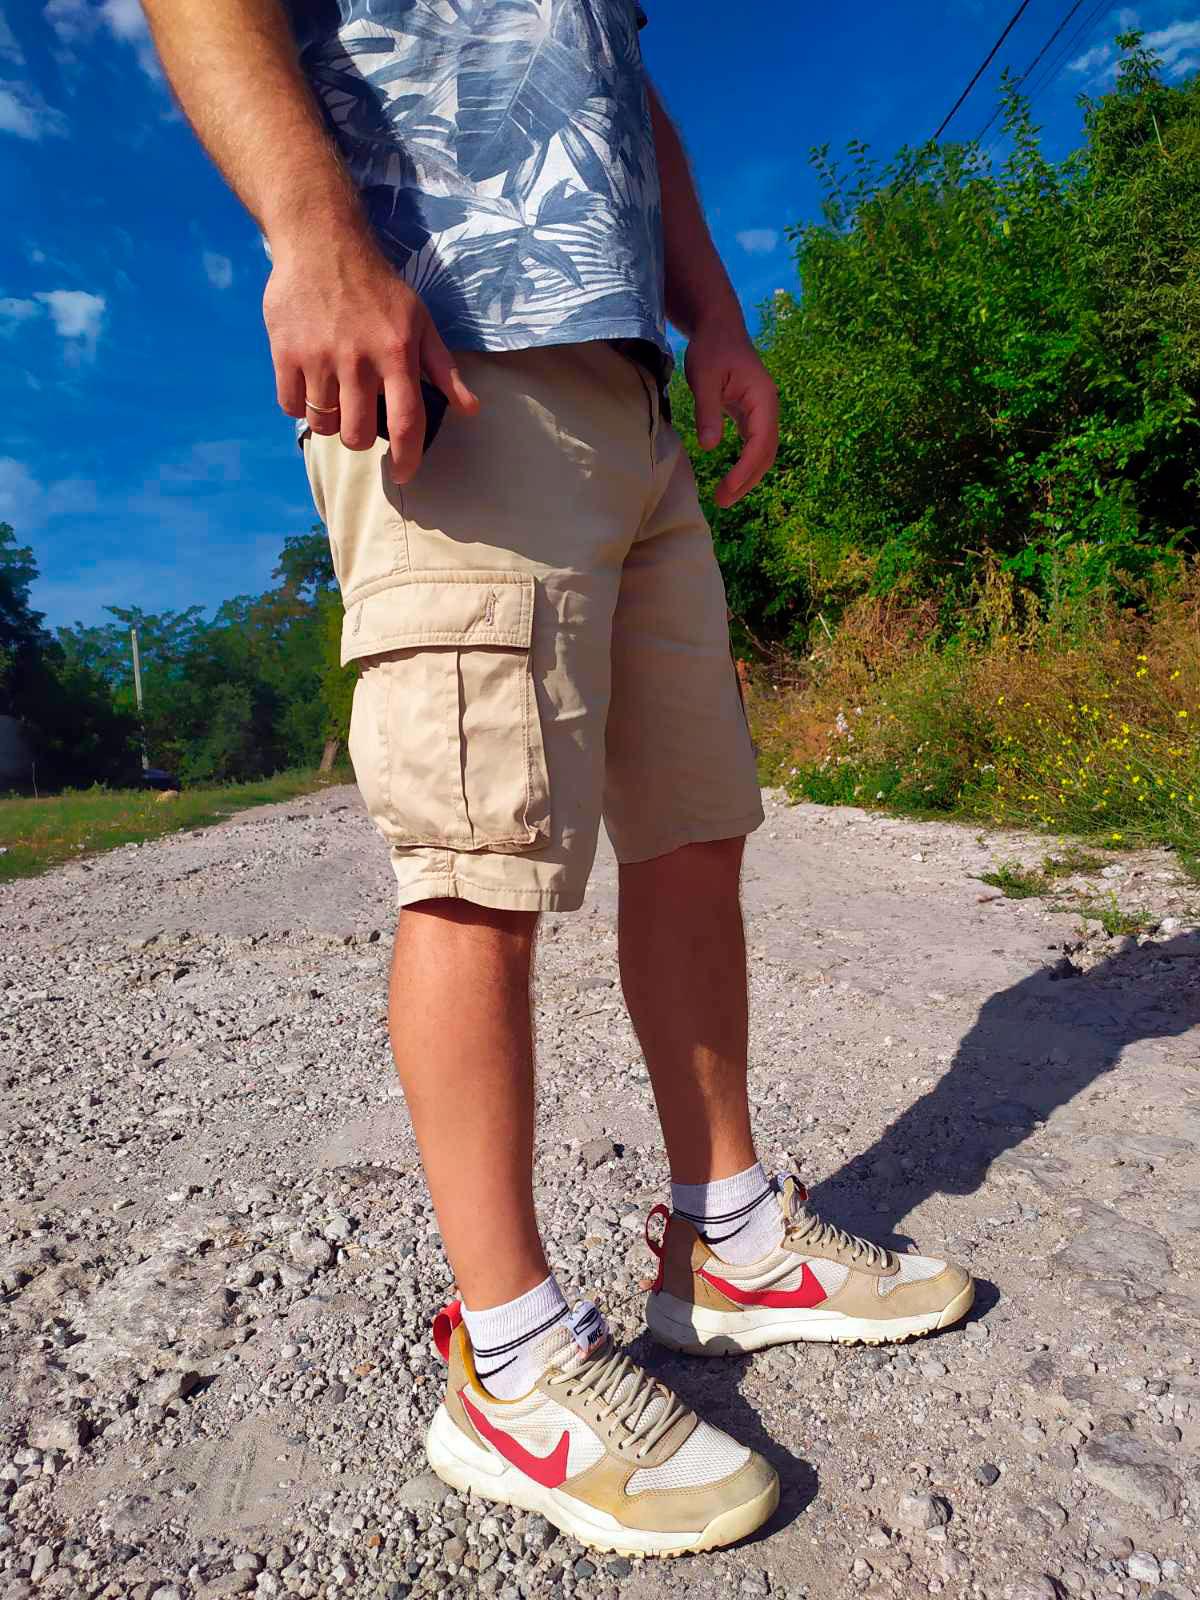 фото - Мужские кроссовки Nike Mars Yard 2.0 желтые. Топ качество! на ноге.